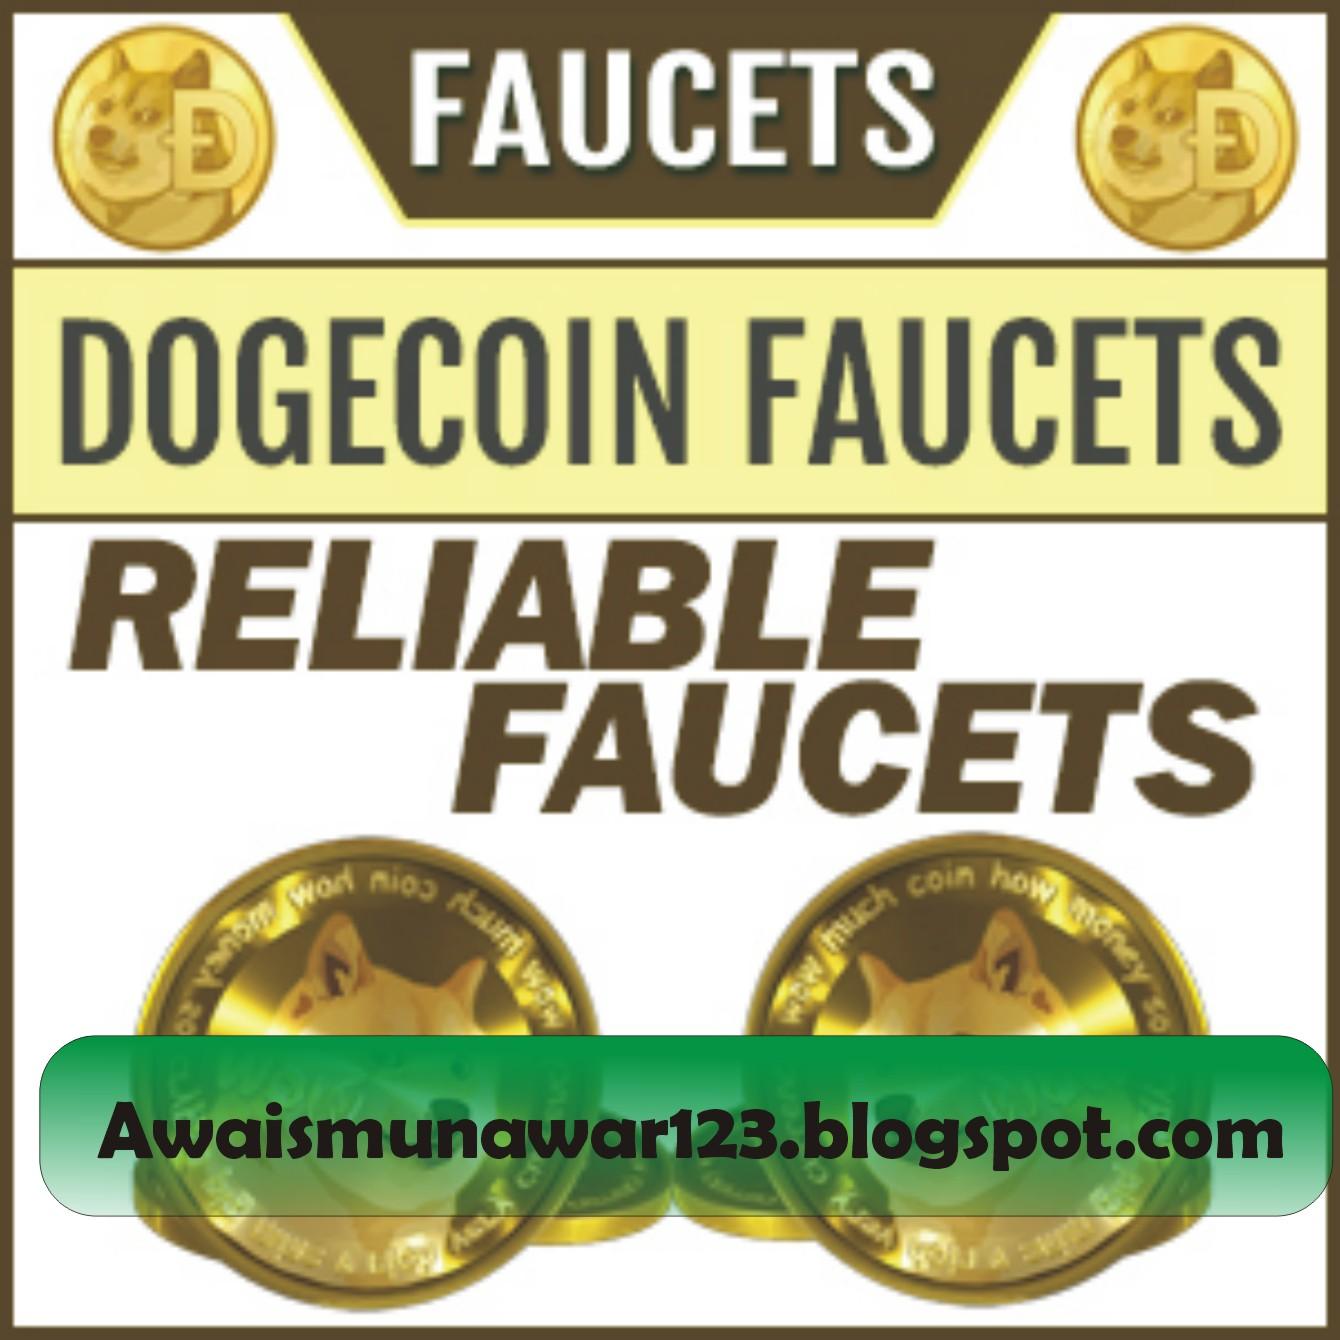 Free Dogecoin Faucet List - AWAIS MUNAWAR